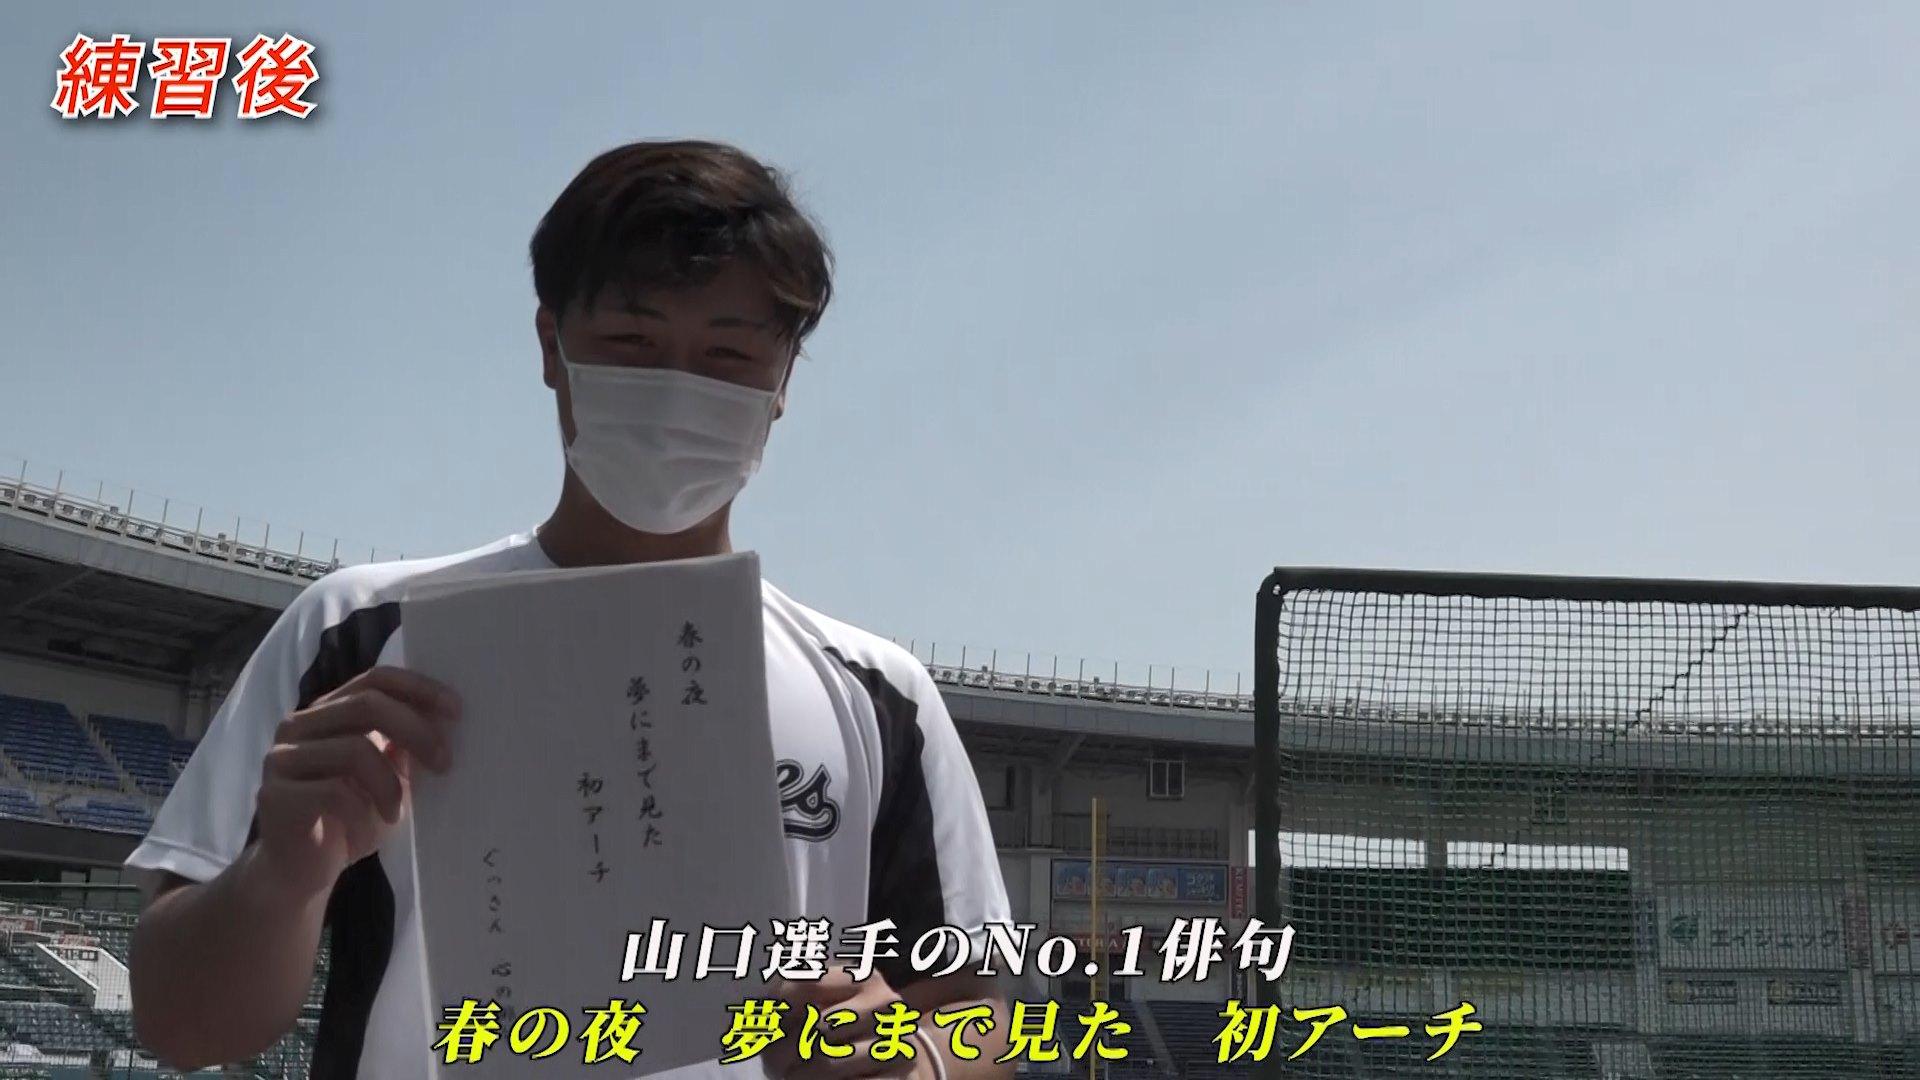 【ロッテ】球界の俳人!山口航輝がこれまでの俳句からNo.1を選びます!